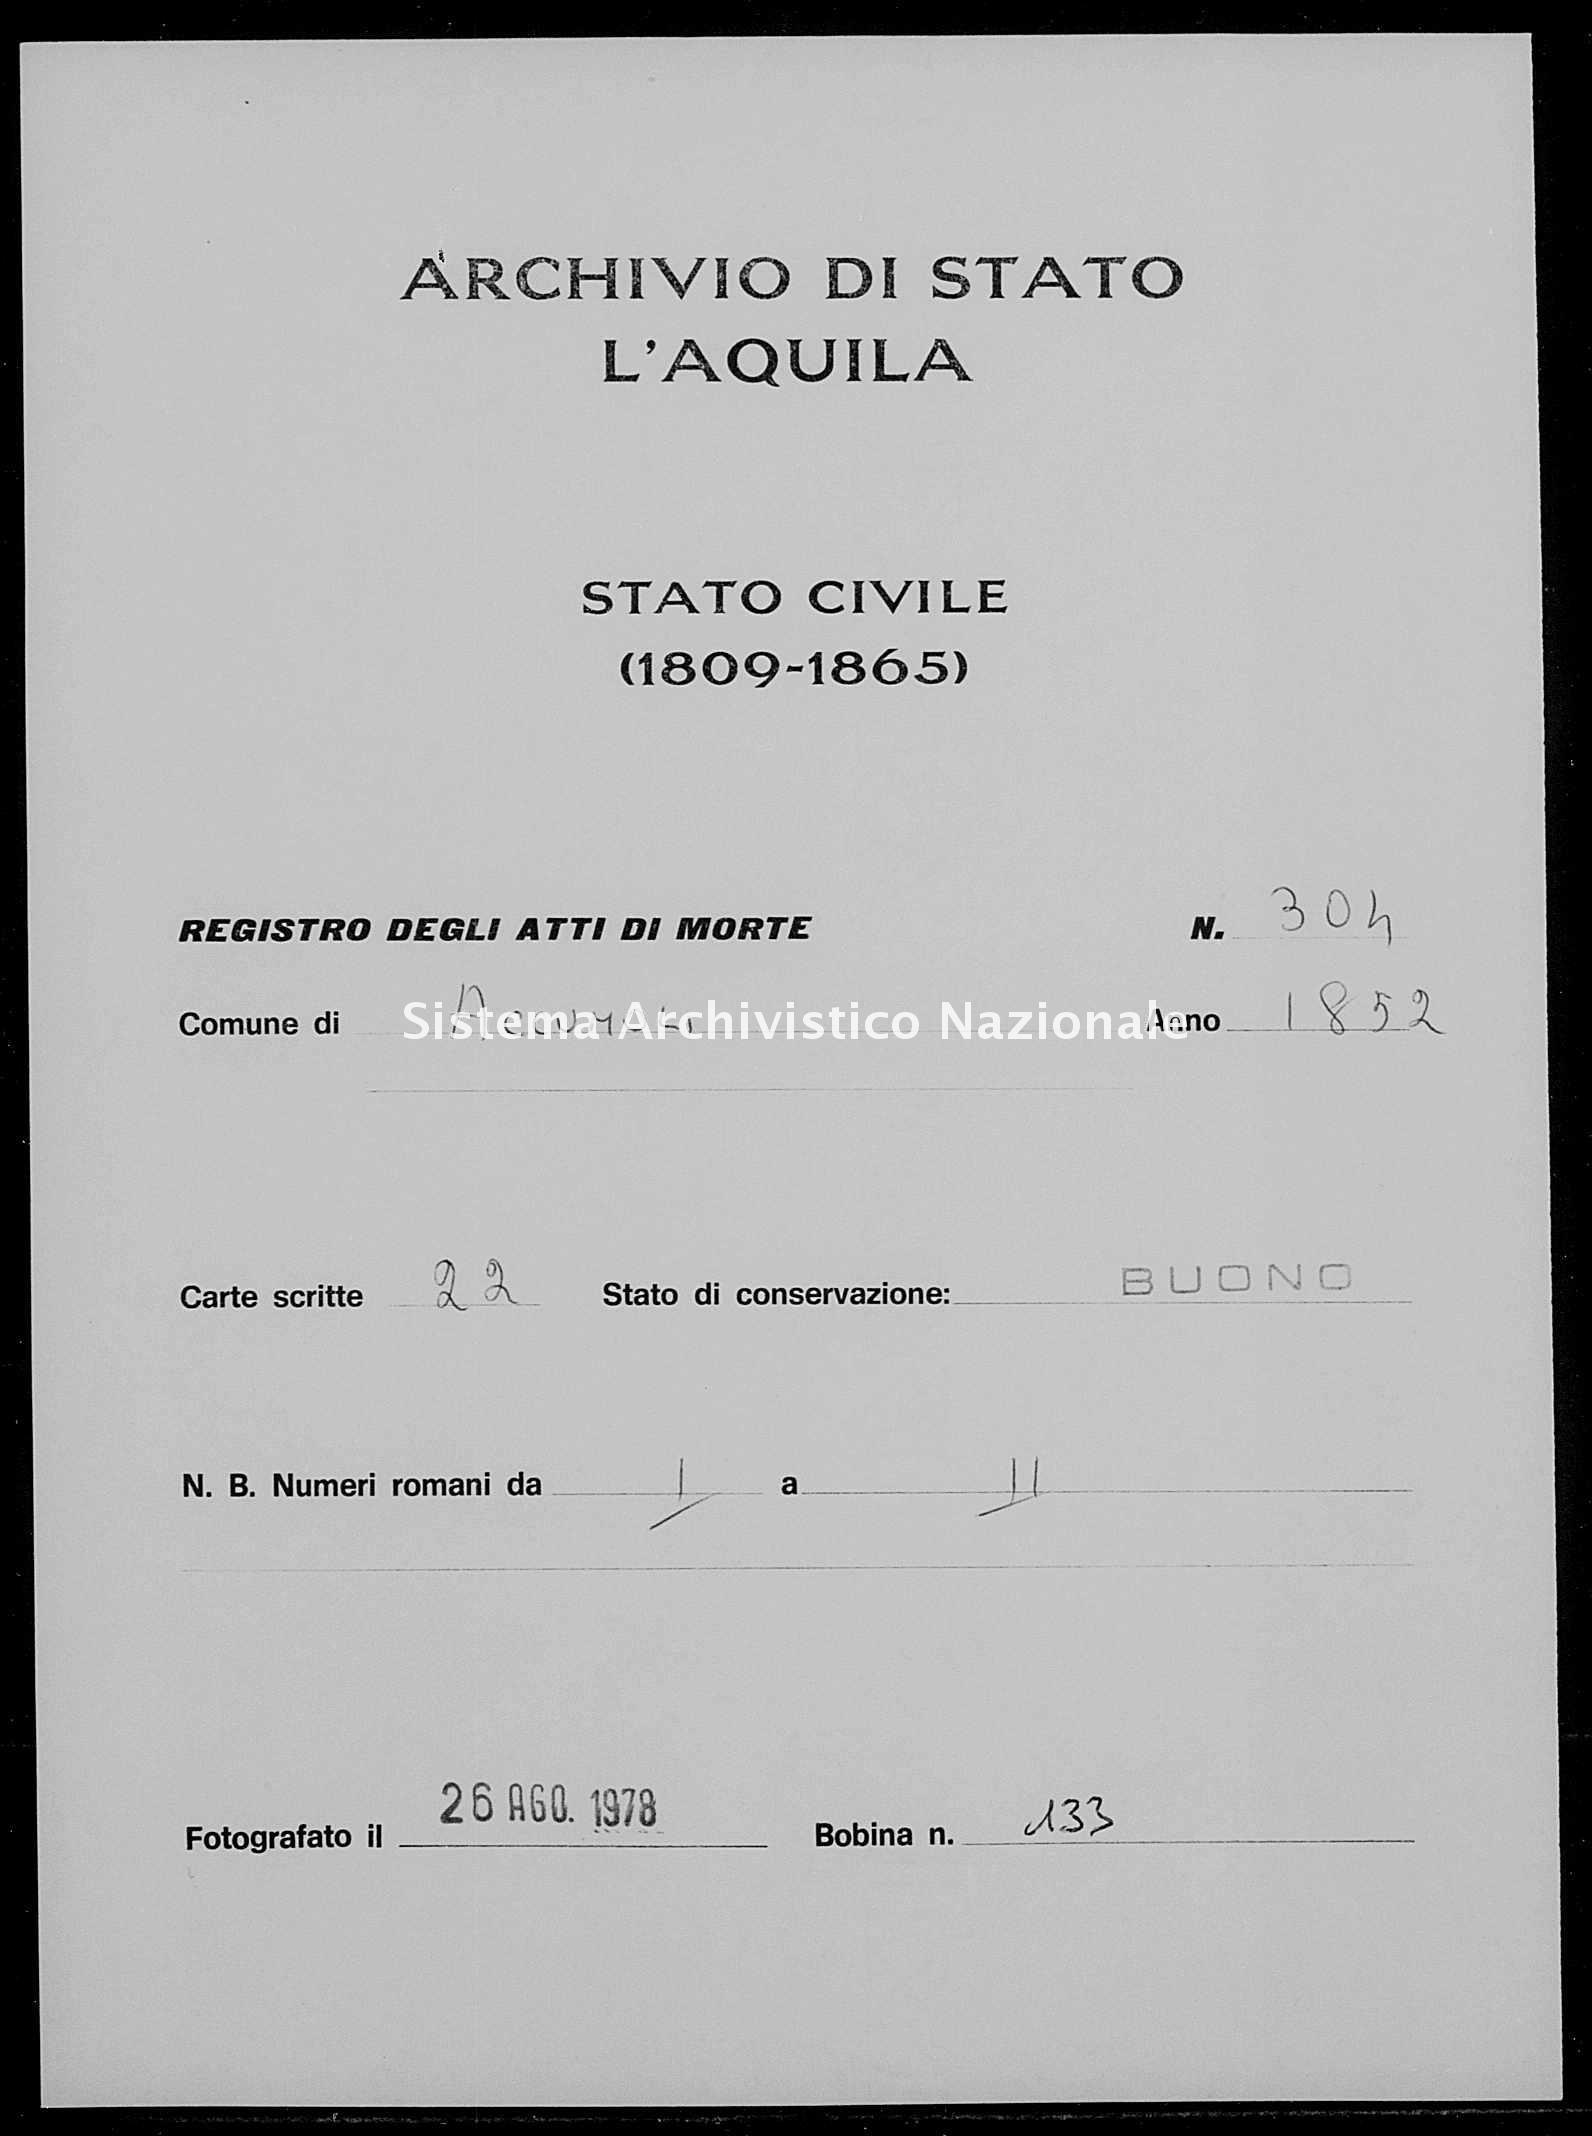 Archivio di stato di L'aquila - Stato civile della restaurazione - Accumoli - Morti - 1852 - 304 -